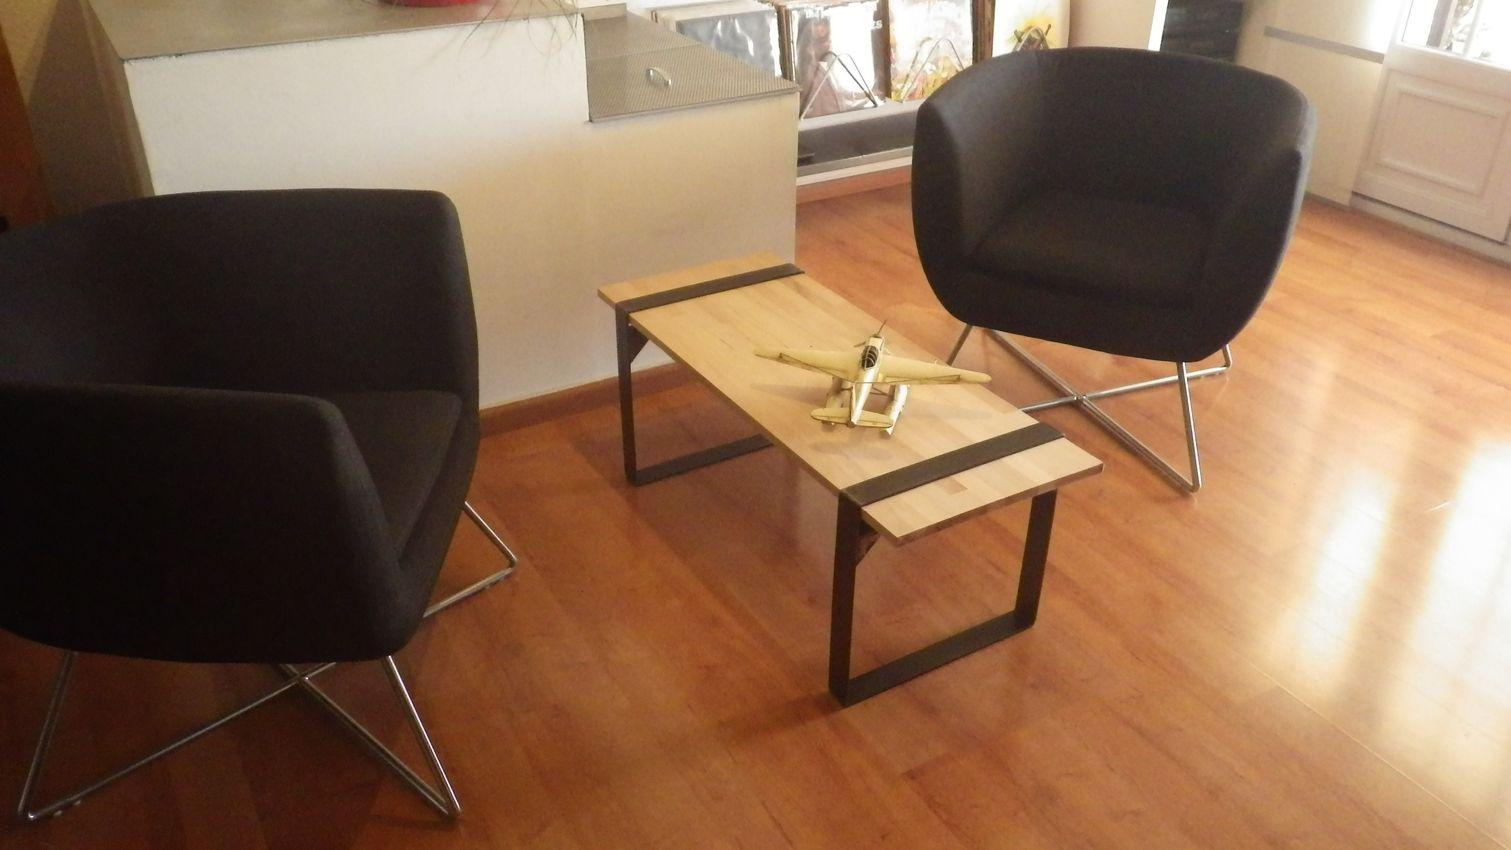 Design acier d co pieds de table meubles originaux style - Pieds de table originaux ...